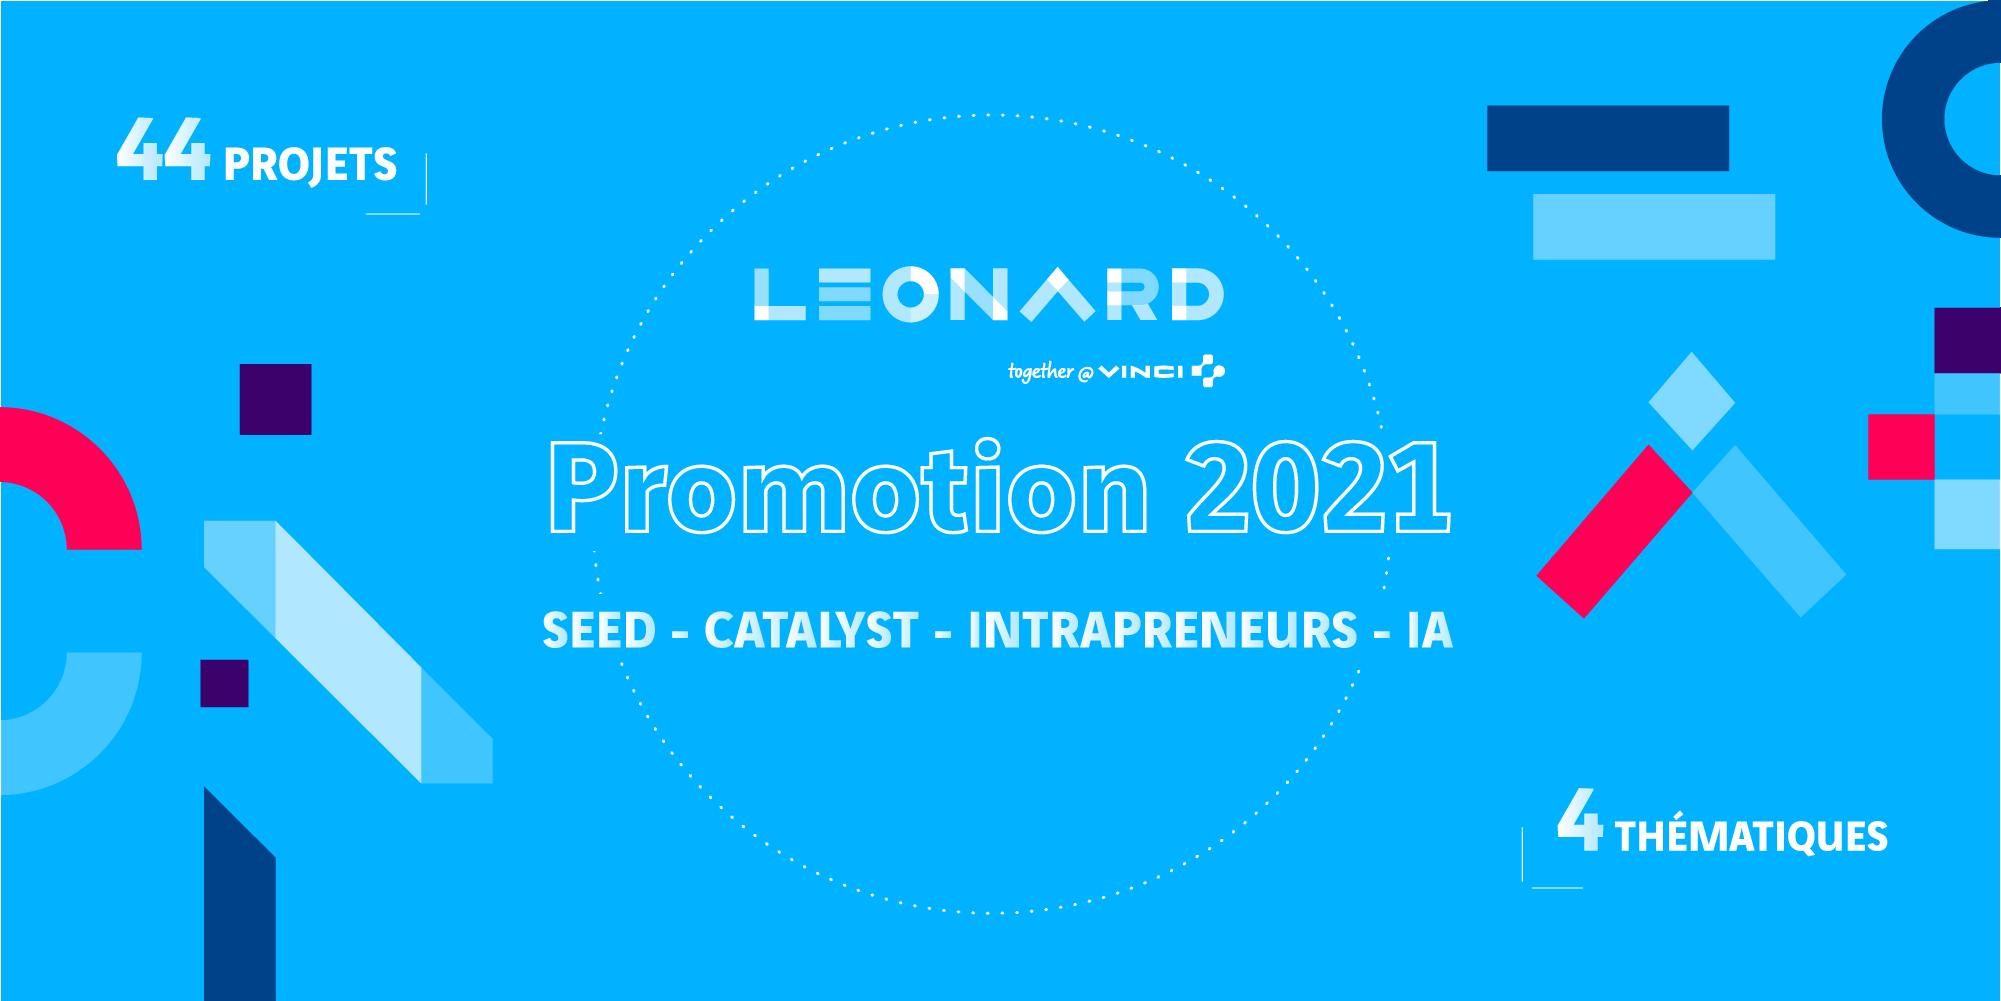 Les programmes d'accélération de Leonard  accueillent 42 nouveaux projets en 2021